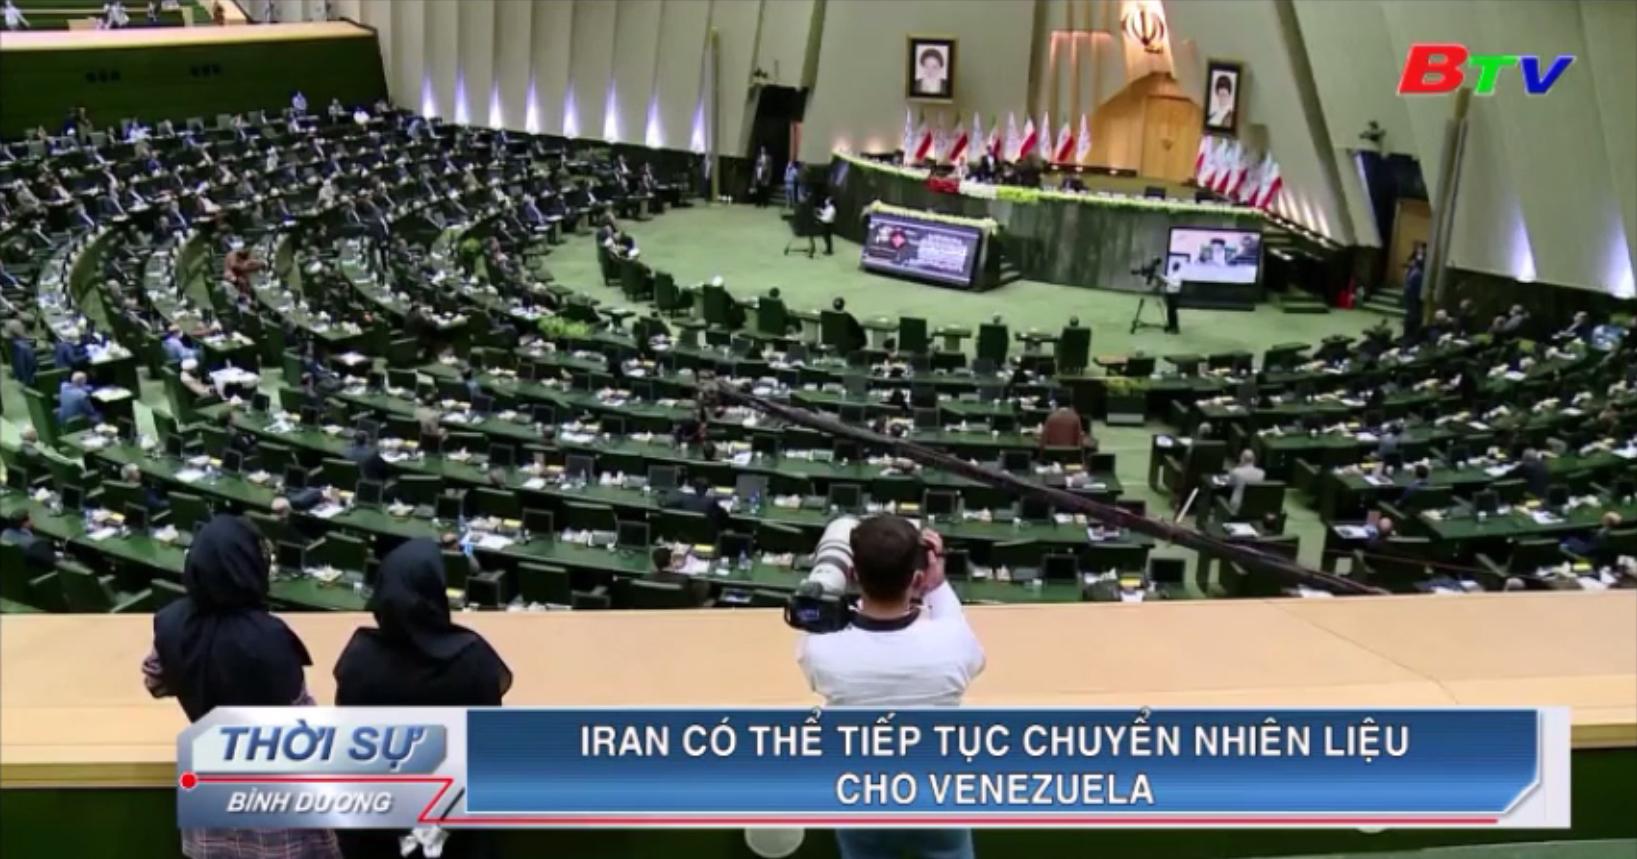 Iran có thể tiếp tục chuyển nhiên liệu cho Venezuela